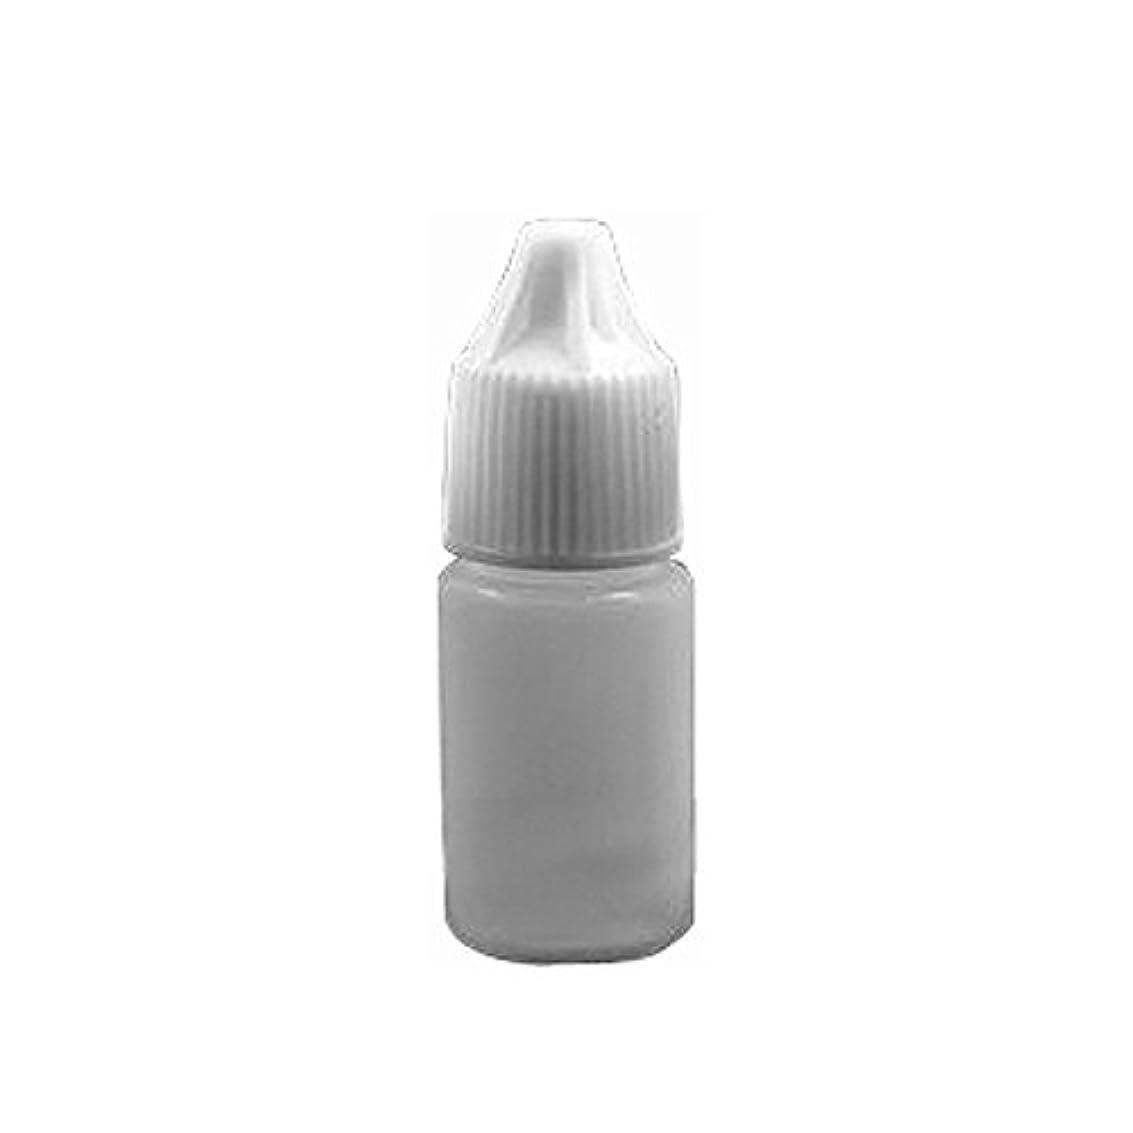 マウントうまくいけばバルコニー[koneko]スポイトタイプ容器 リキッド ドロッパーボトル 滴瓶 実験道具 5ml